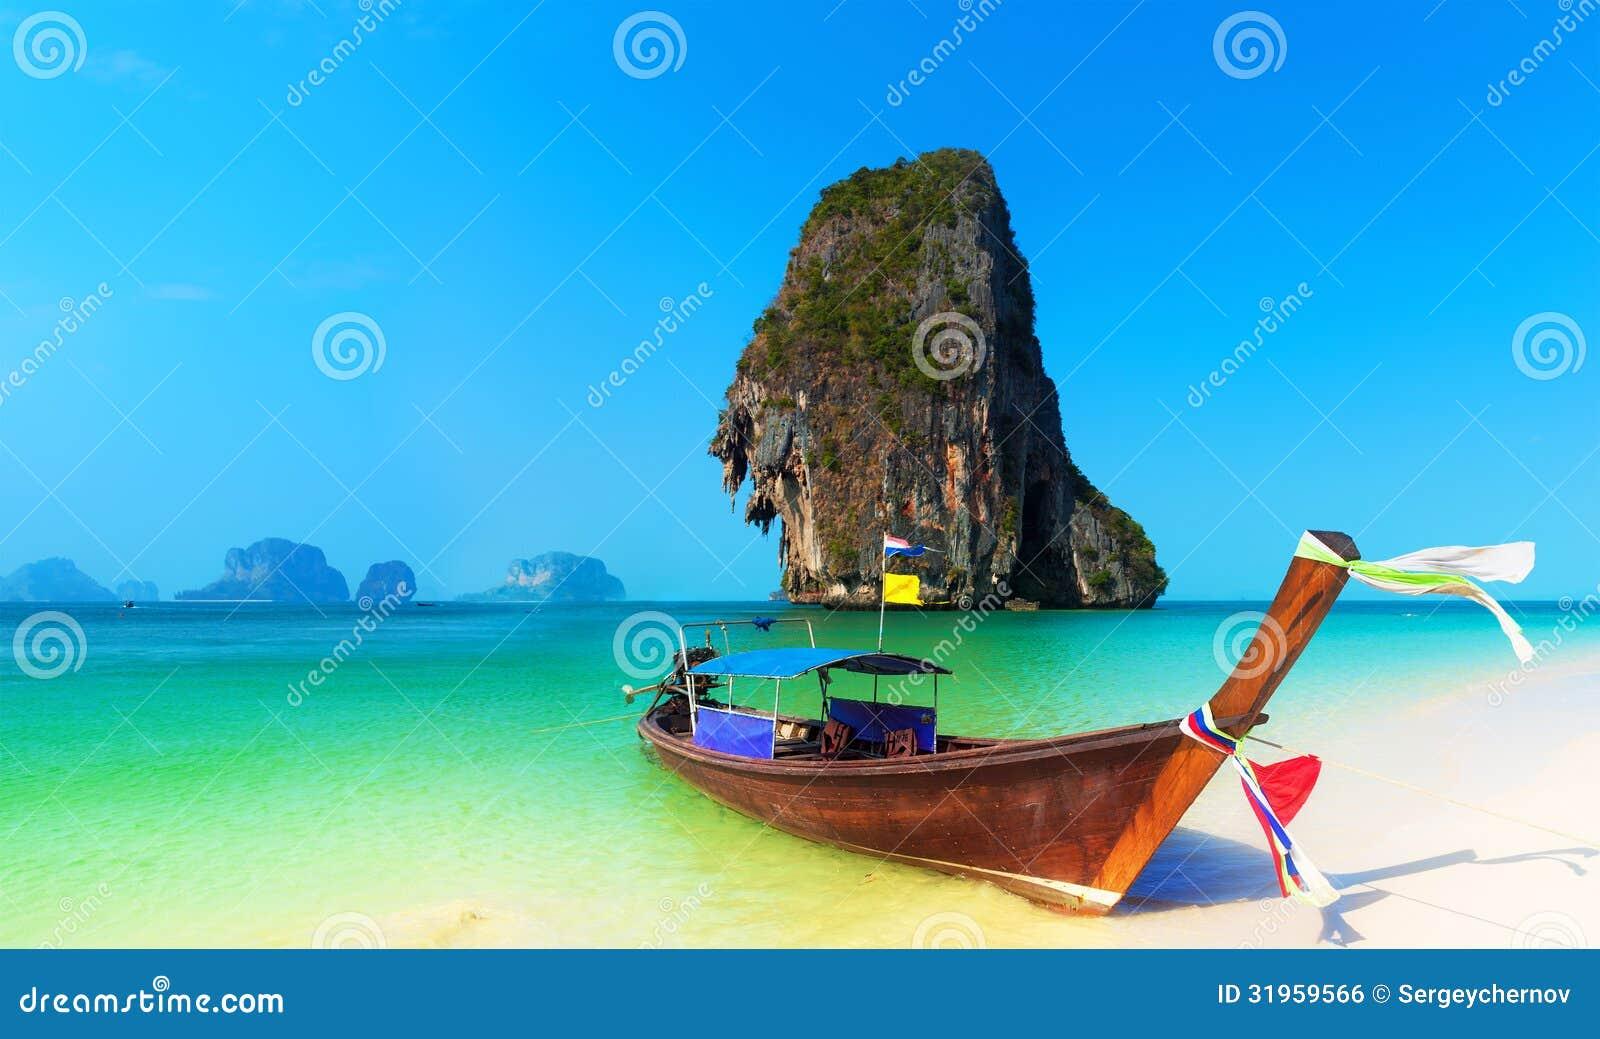 泰国海滩风景热带背景。亚洲海洋自然